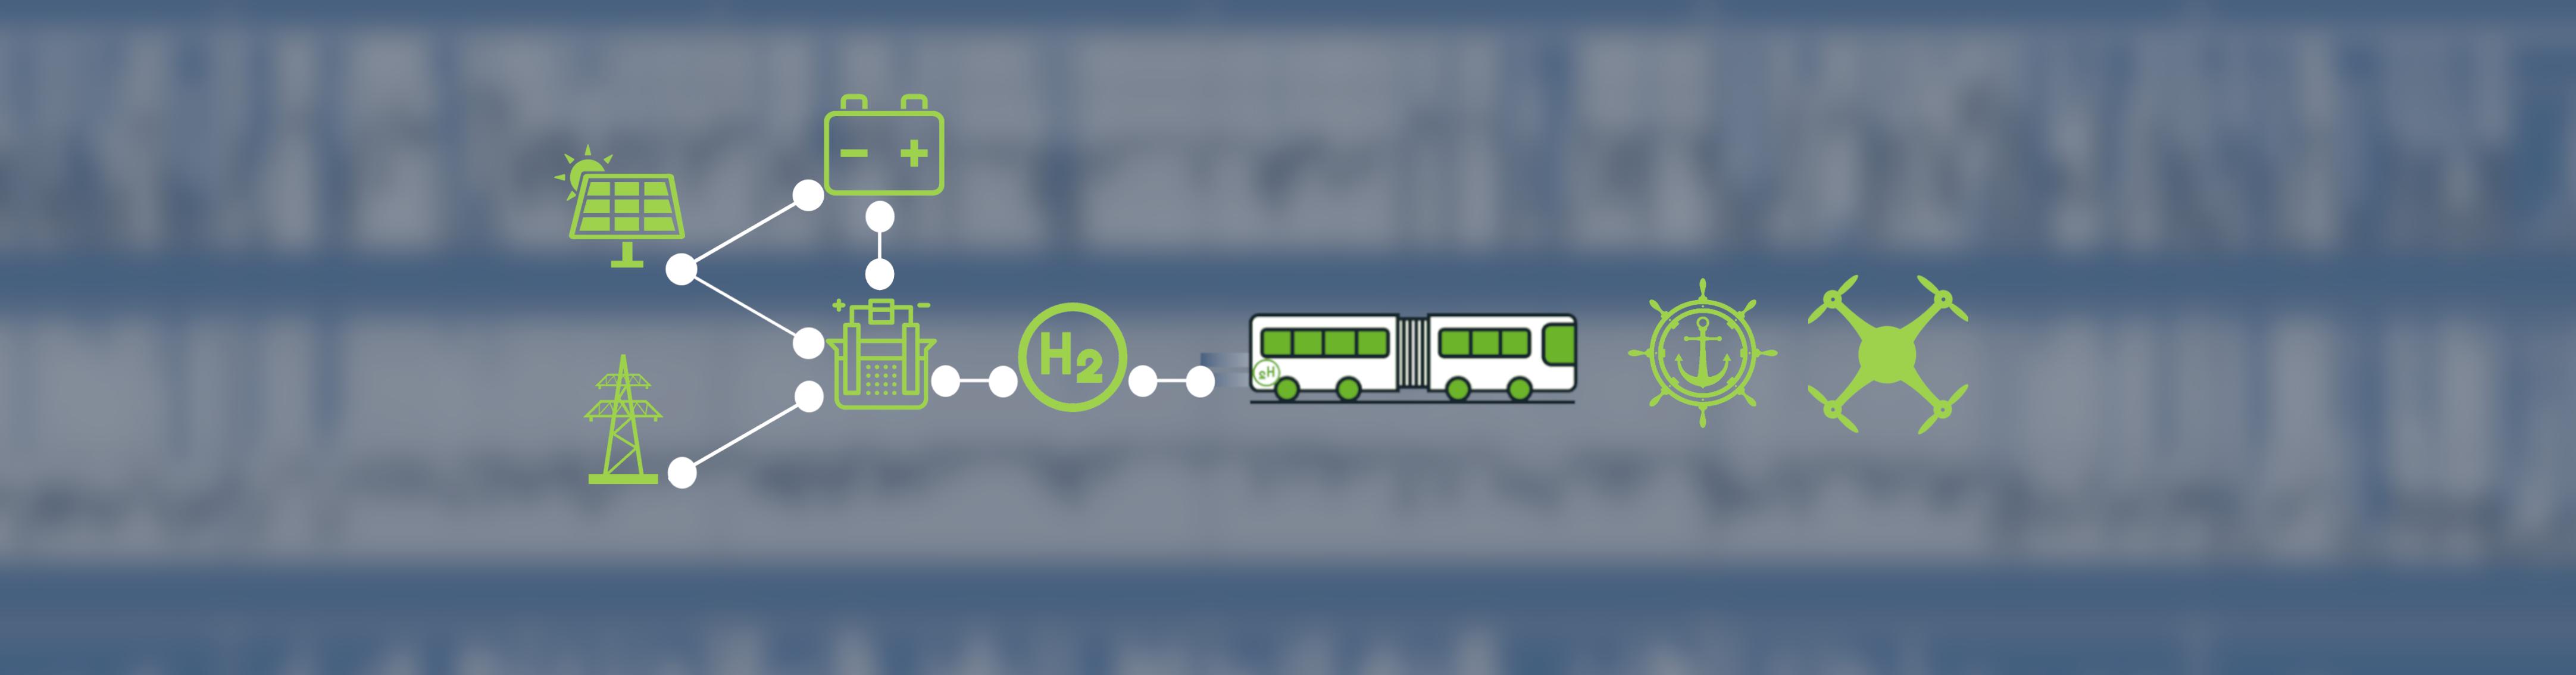 Mobilité hydrogrène Tecphy - schéma transport en commun